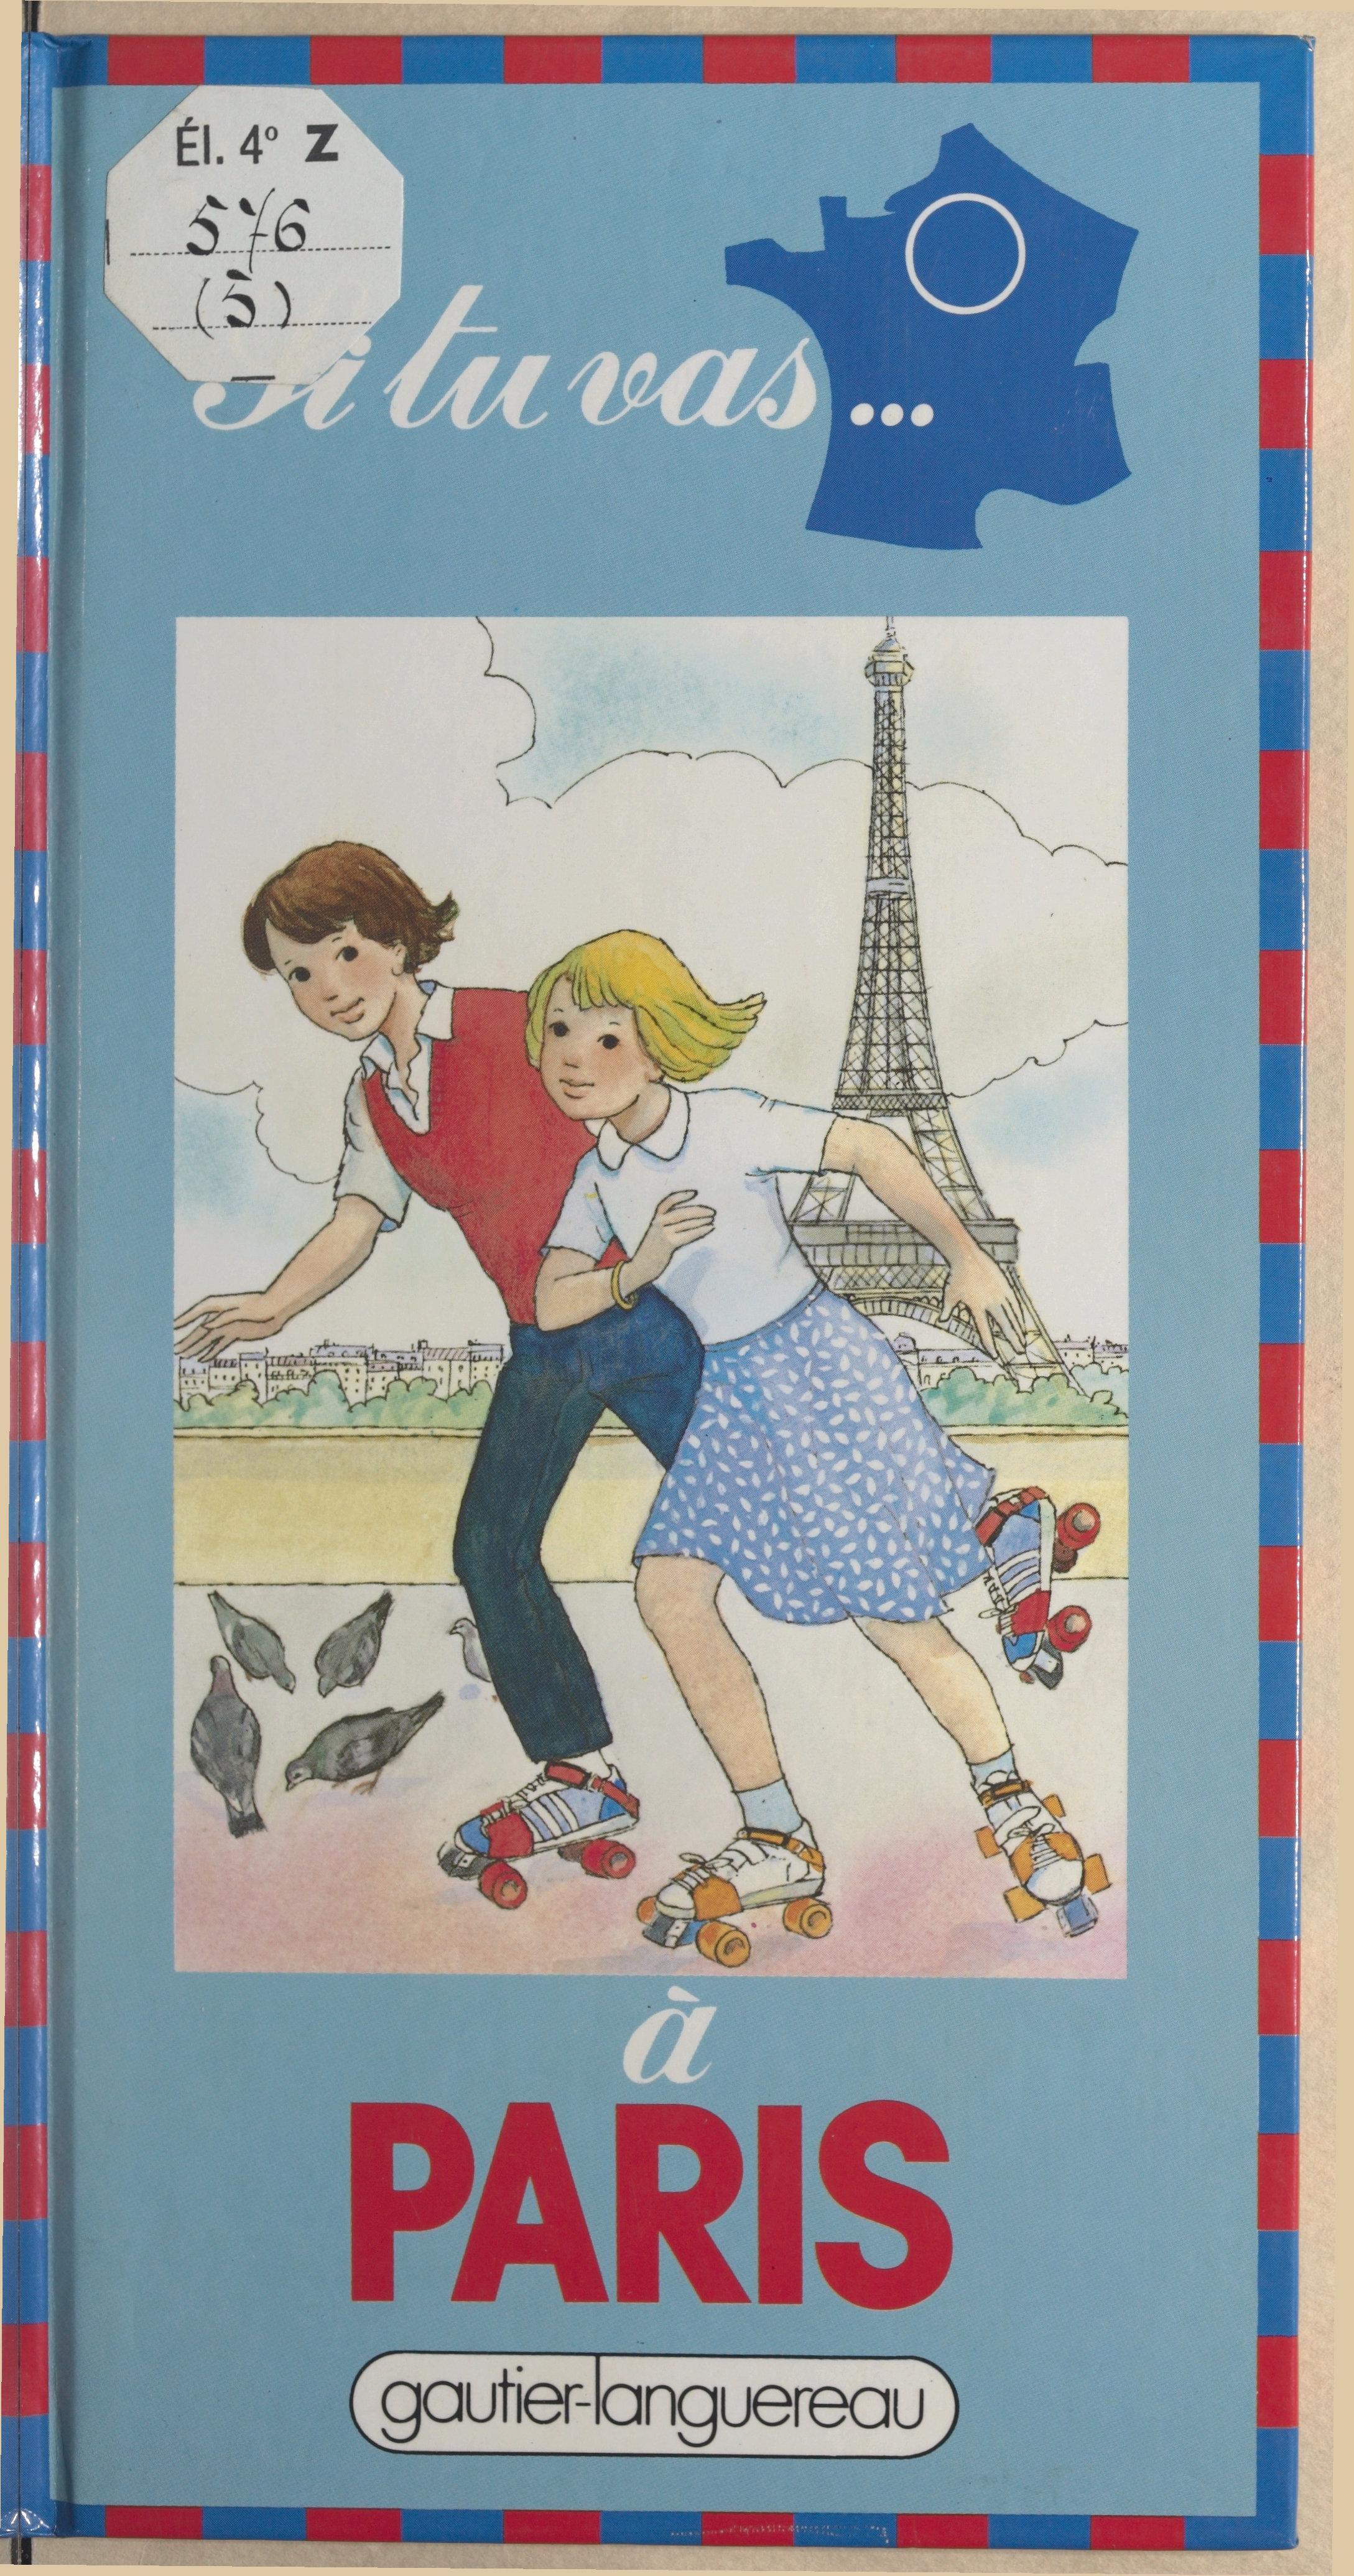 Si tu vas à Paris